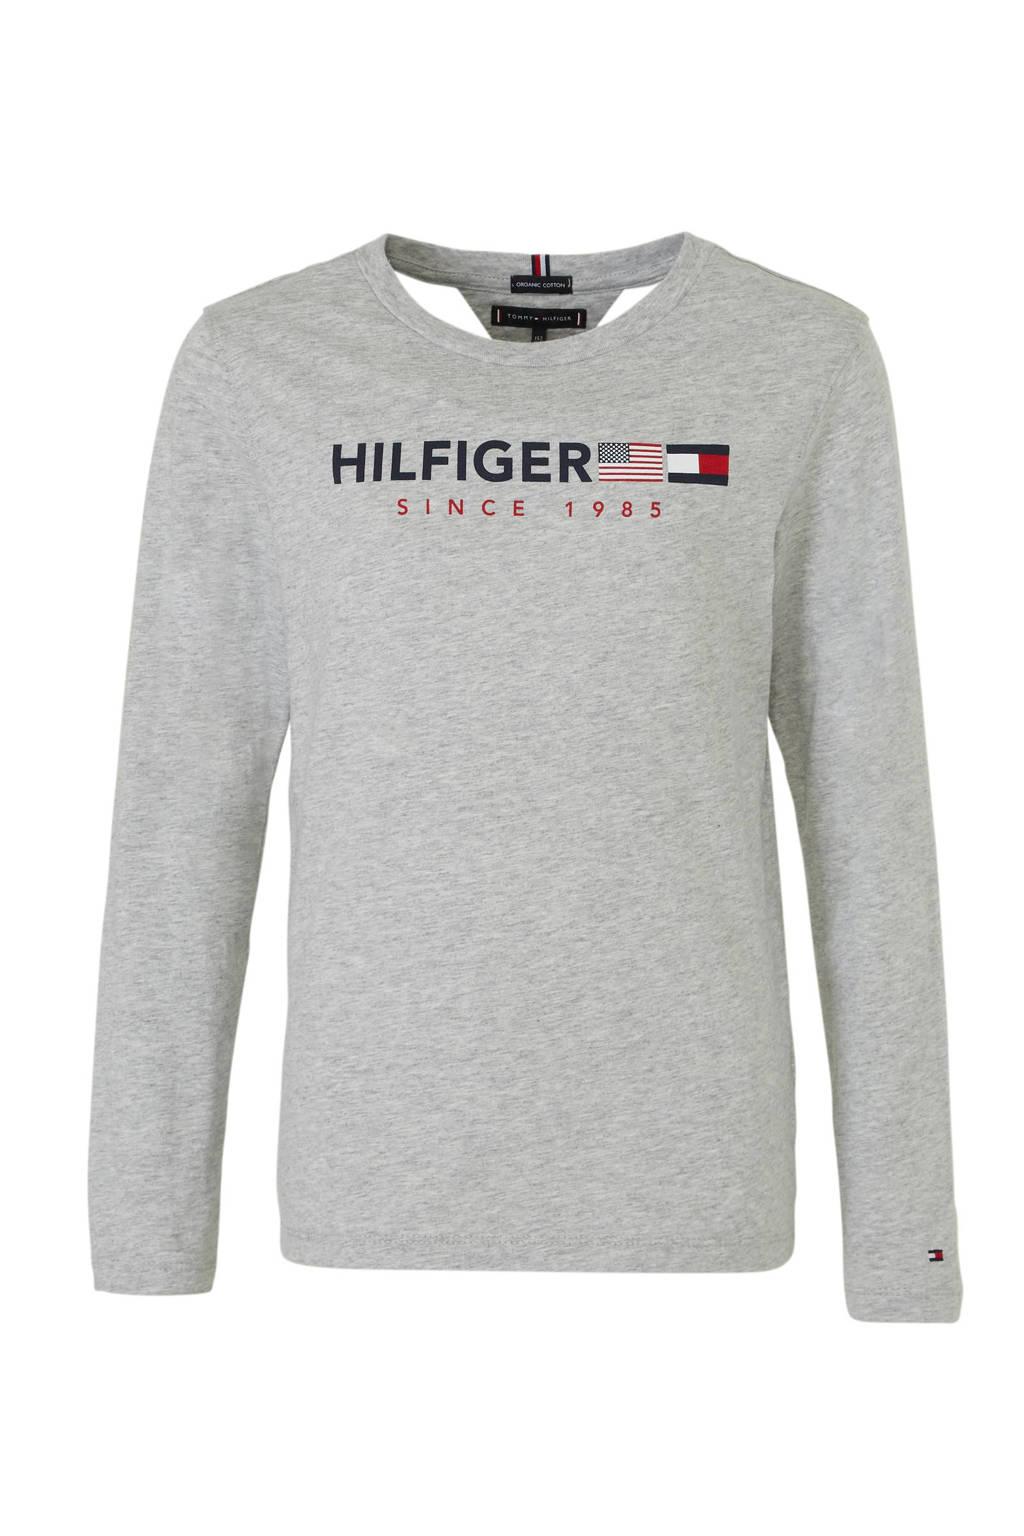 Tommy Hilfiger longsleeve met logo grijs melange, Grijs melange